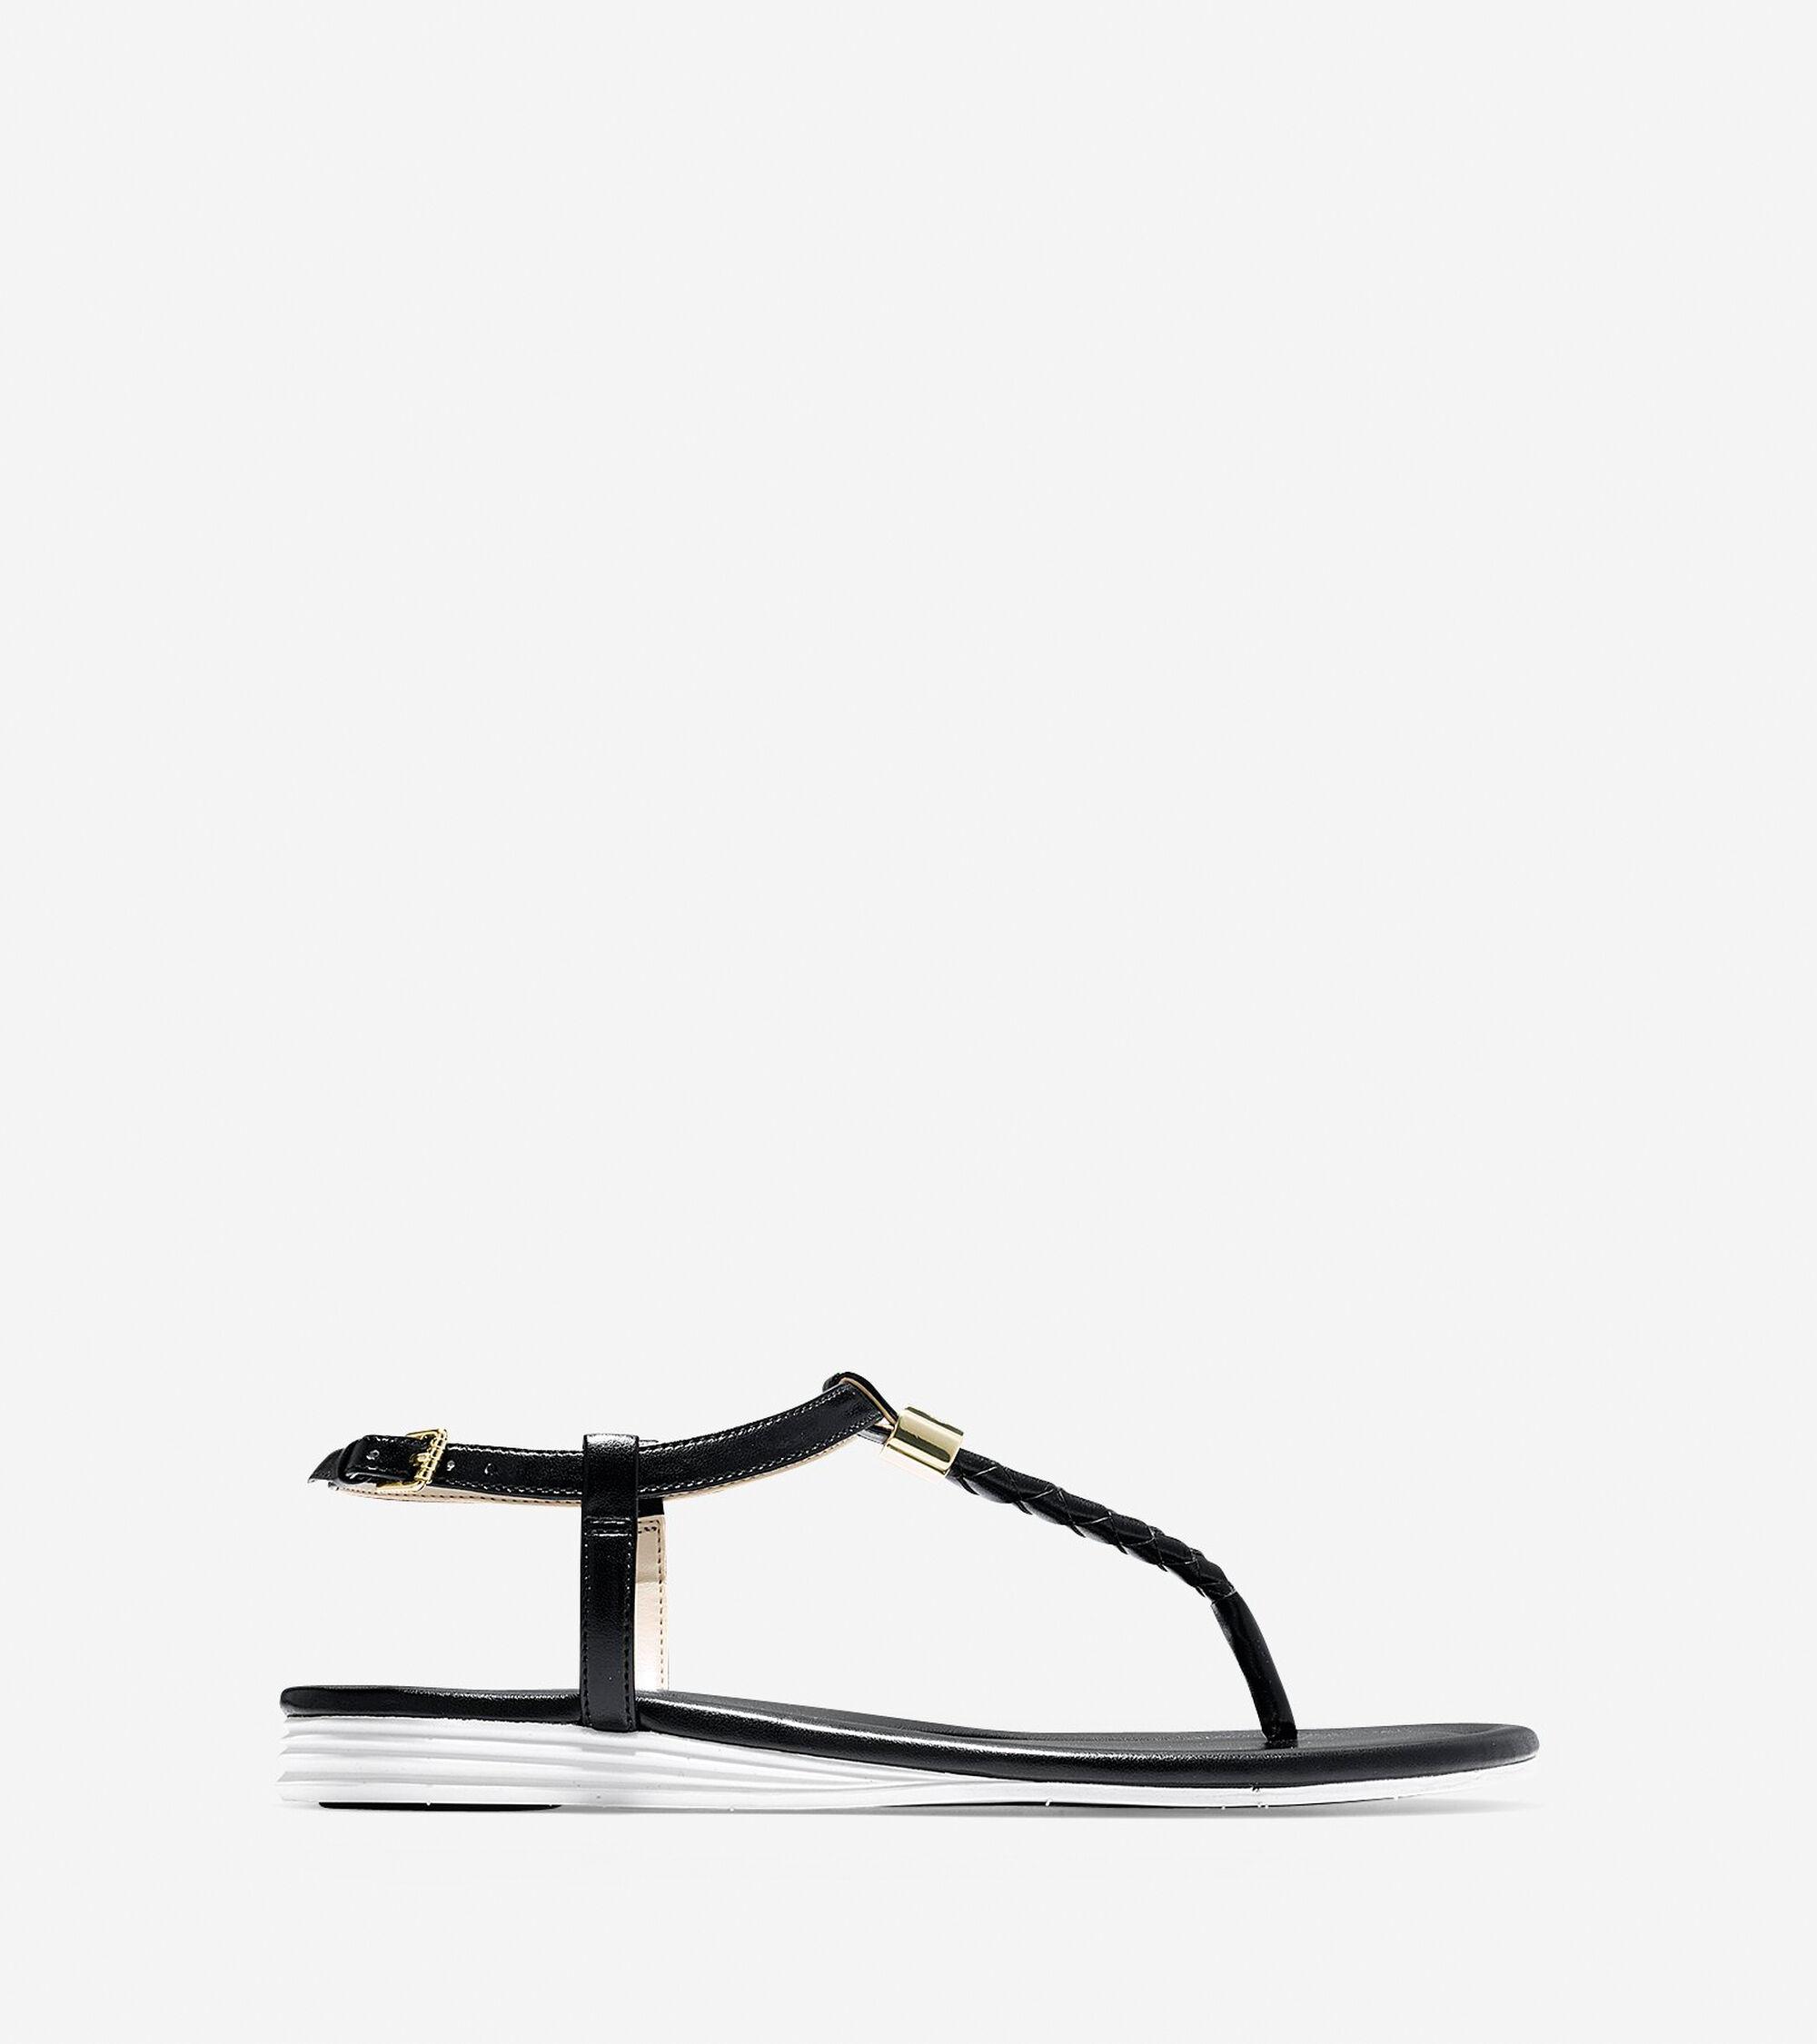 92cc8e65a368 Women s OriginalGrand Braid Sandals in Black   Sale